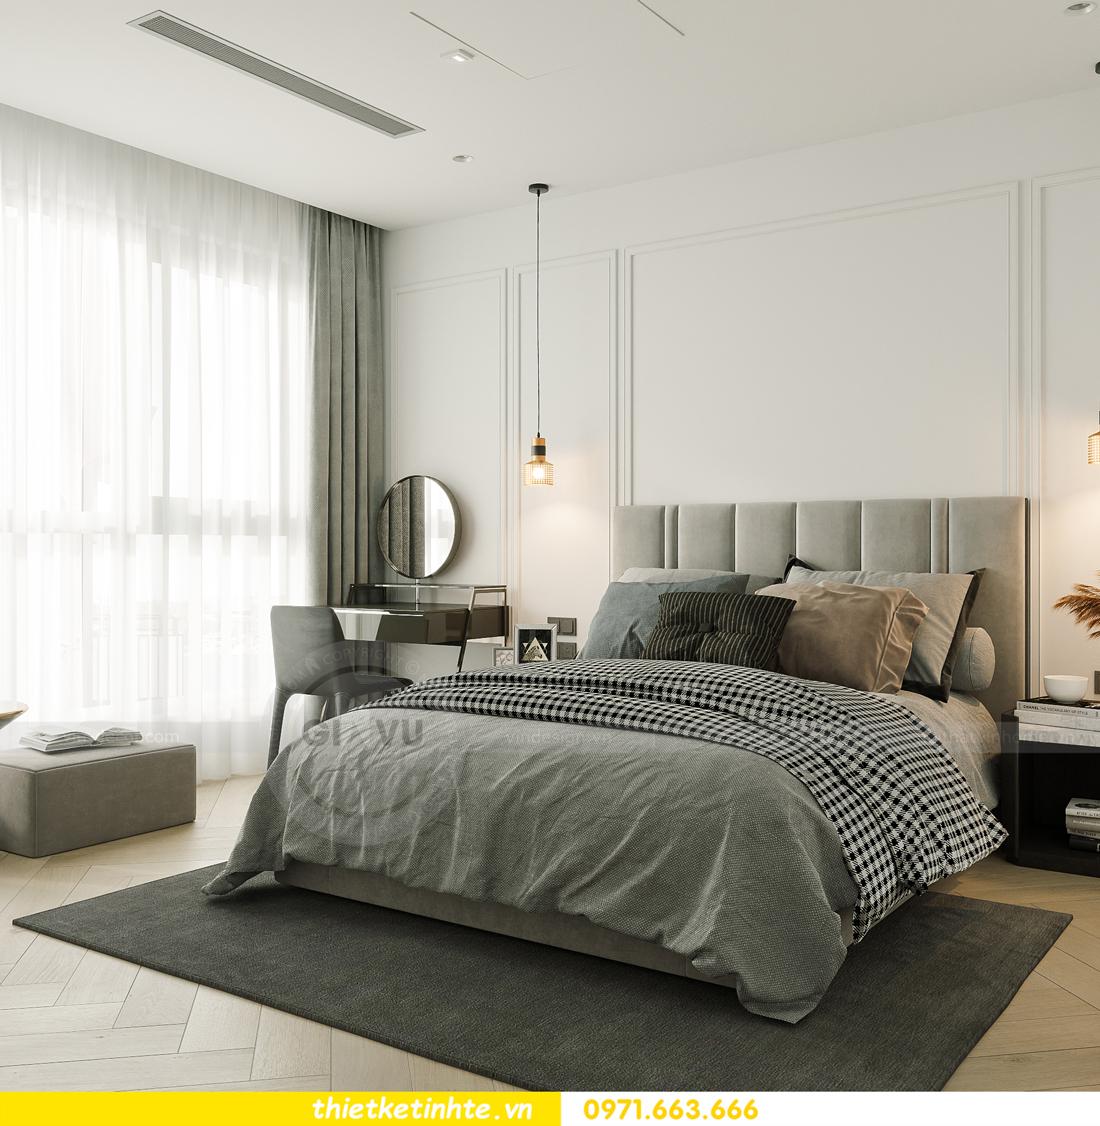 thiết kế nội thất chung cư Smart City tòa S102 căn 17 chị Hà 8